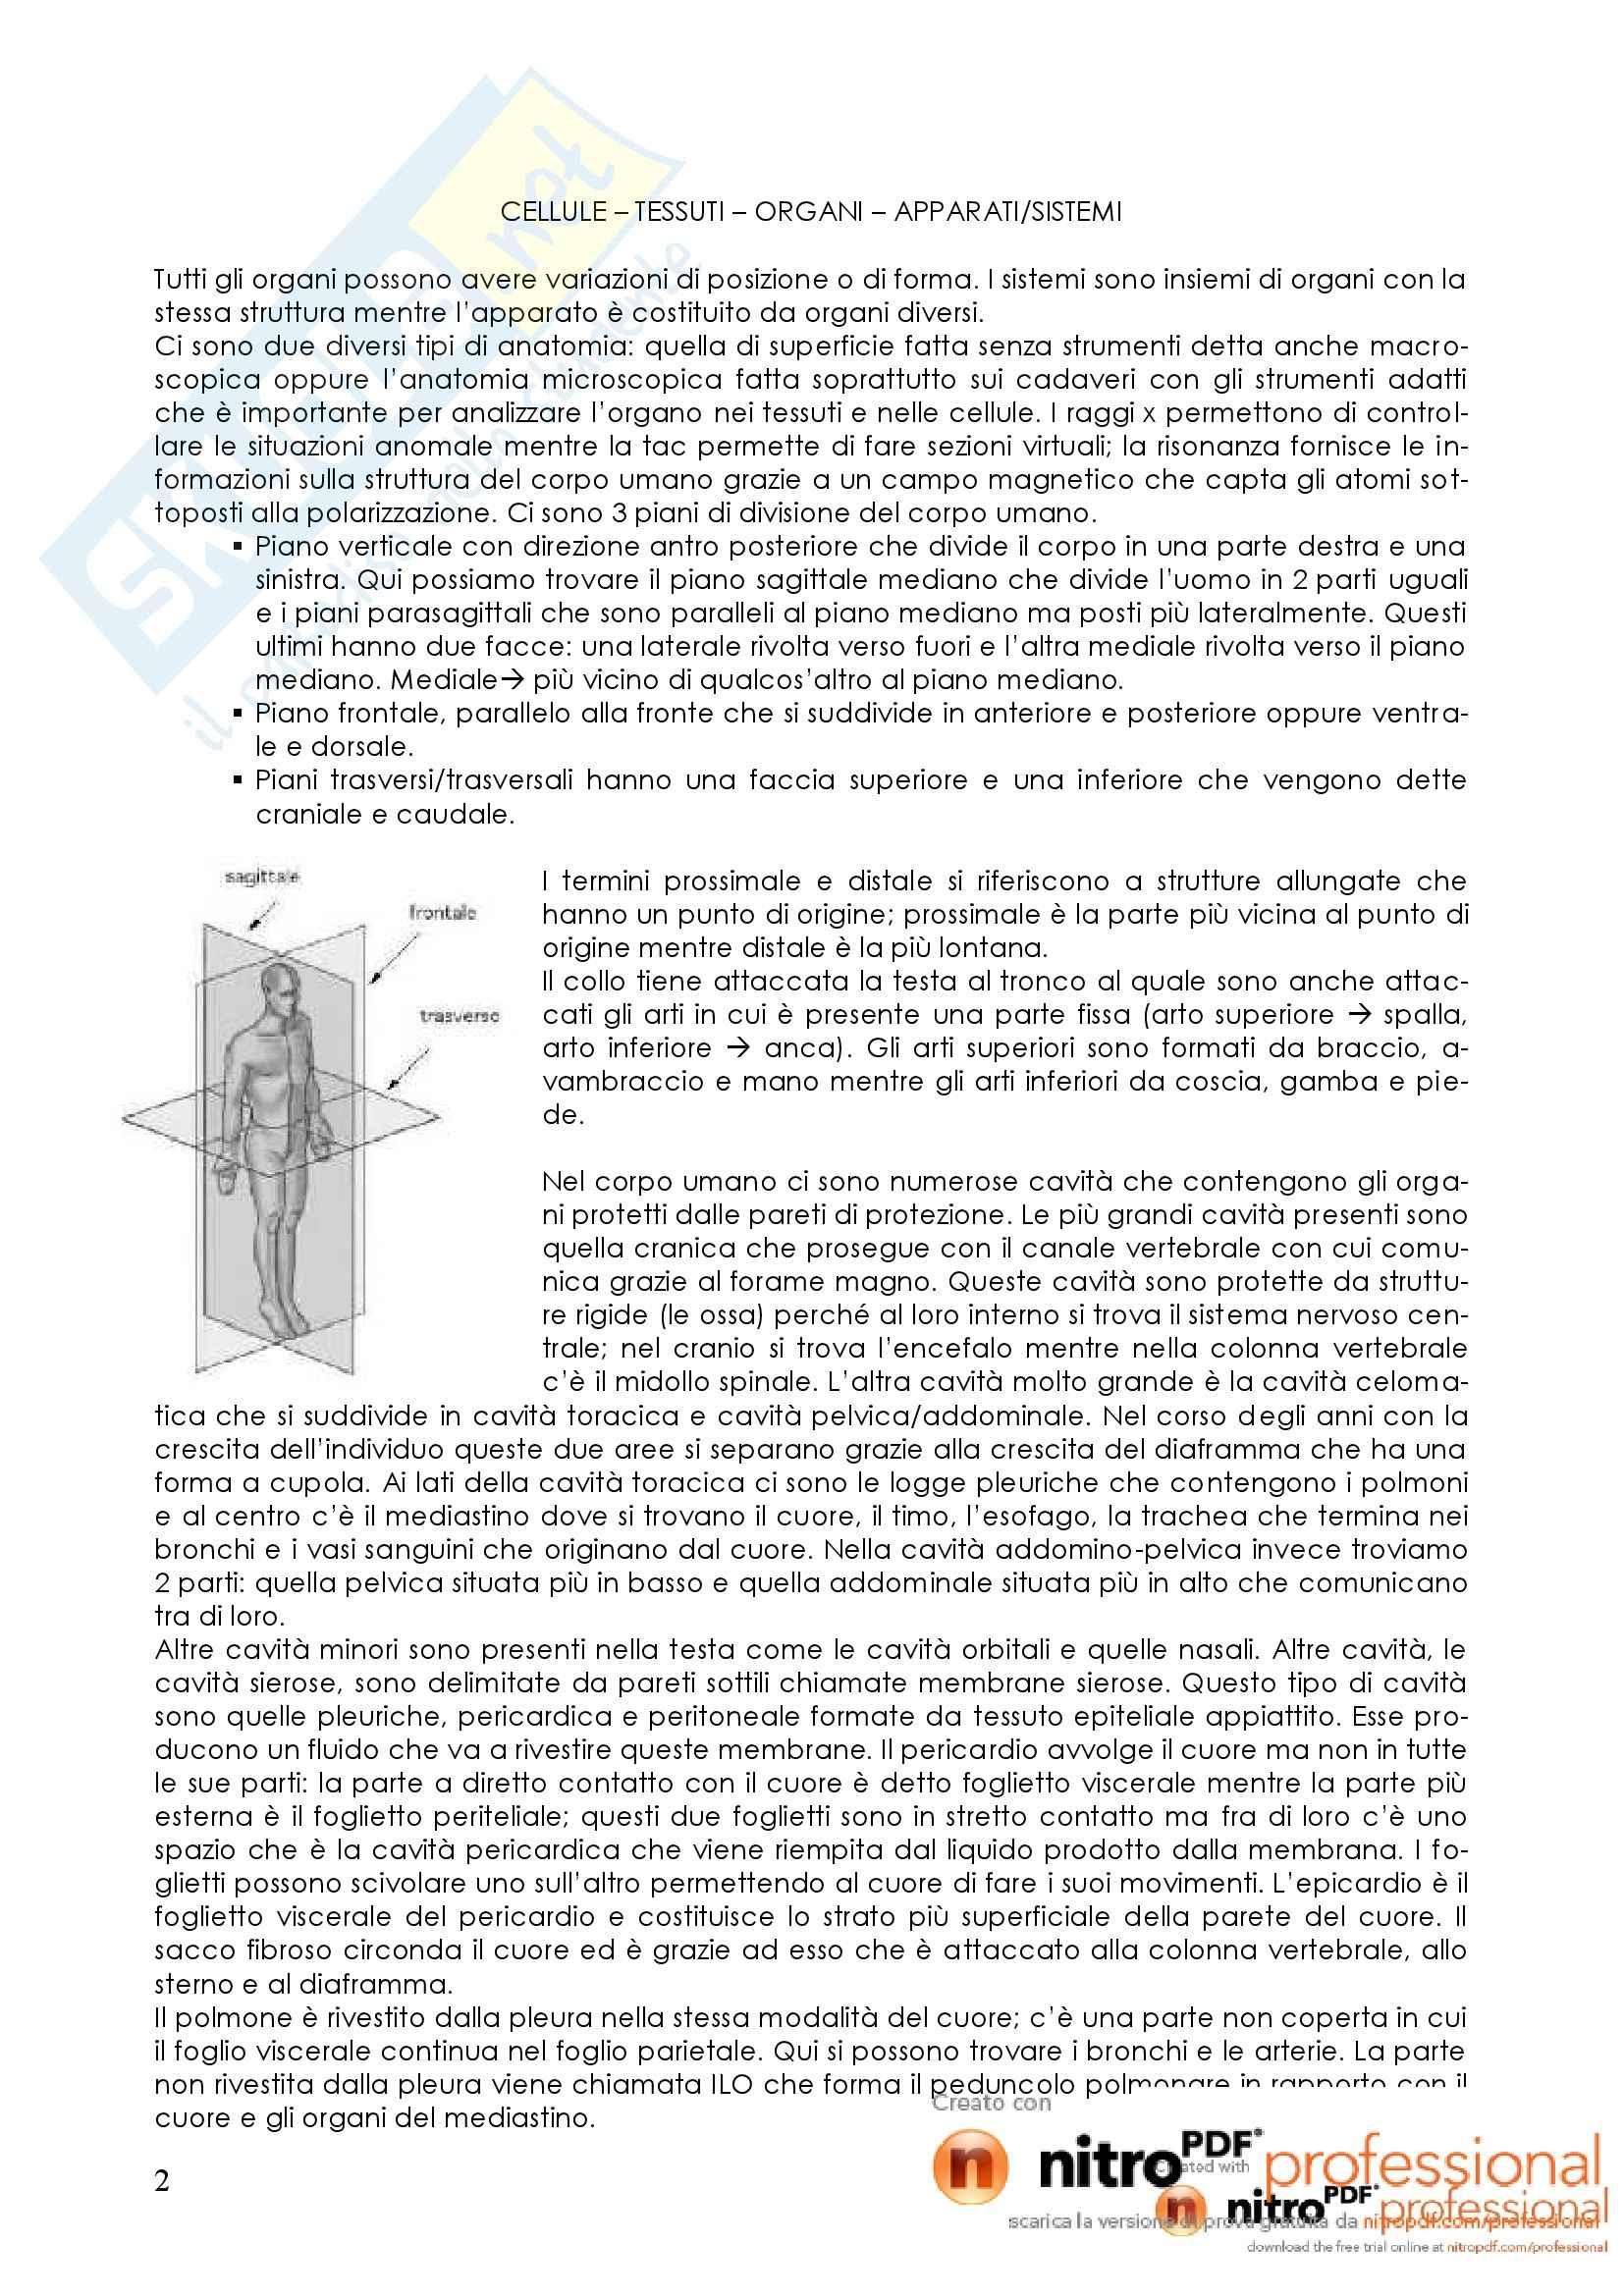 Struttura, morfologia e funzionamento del corpo umano I - Appunti Pag. 2